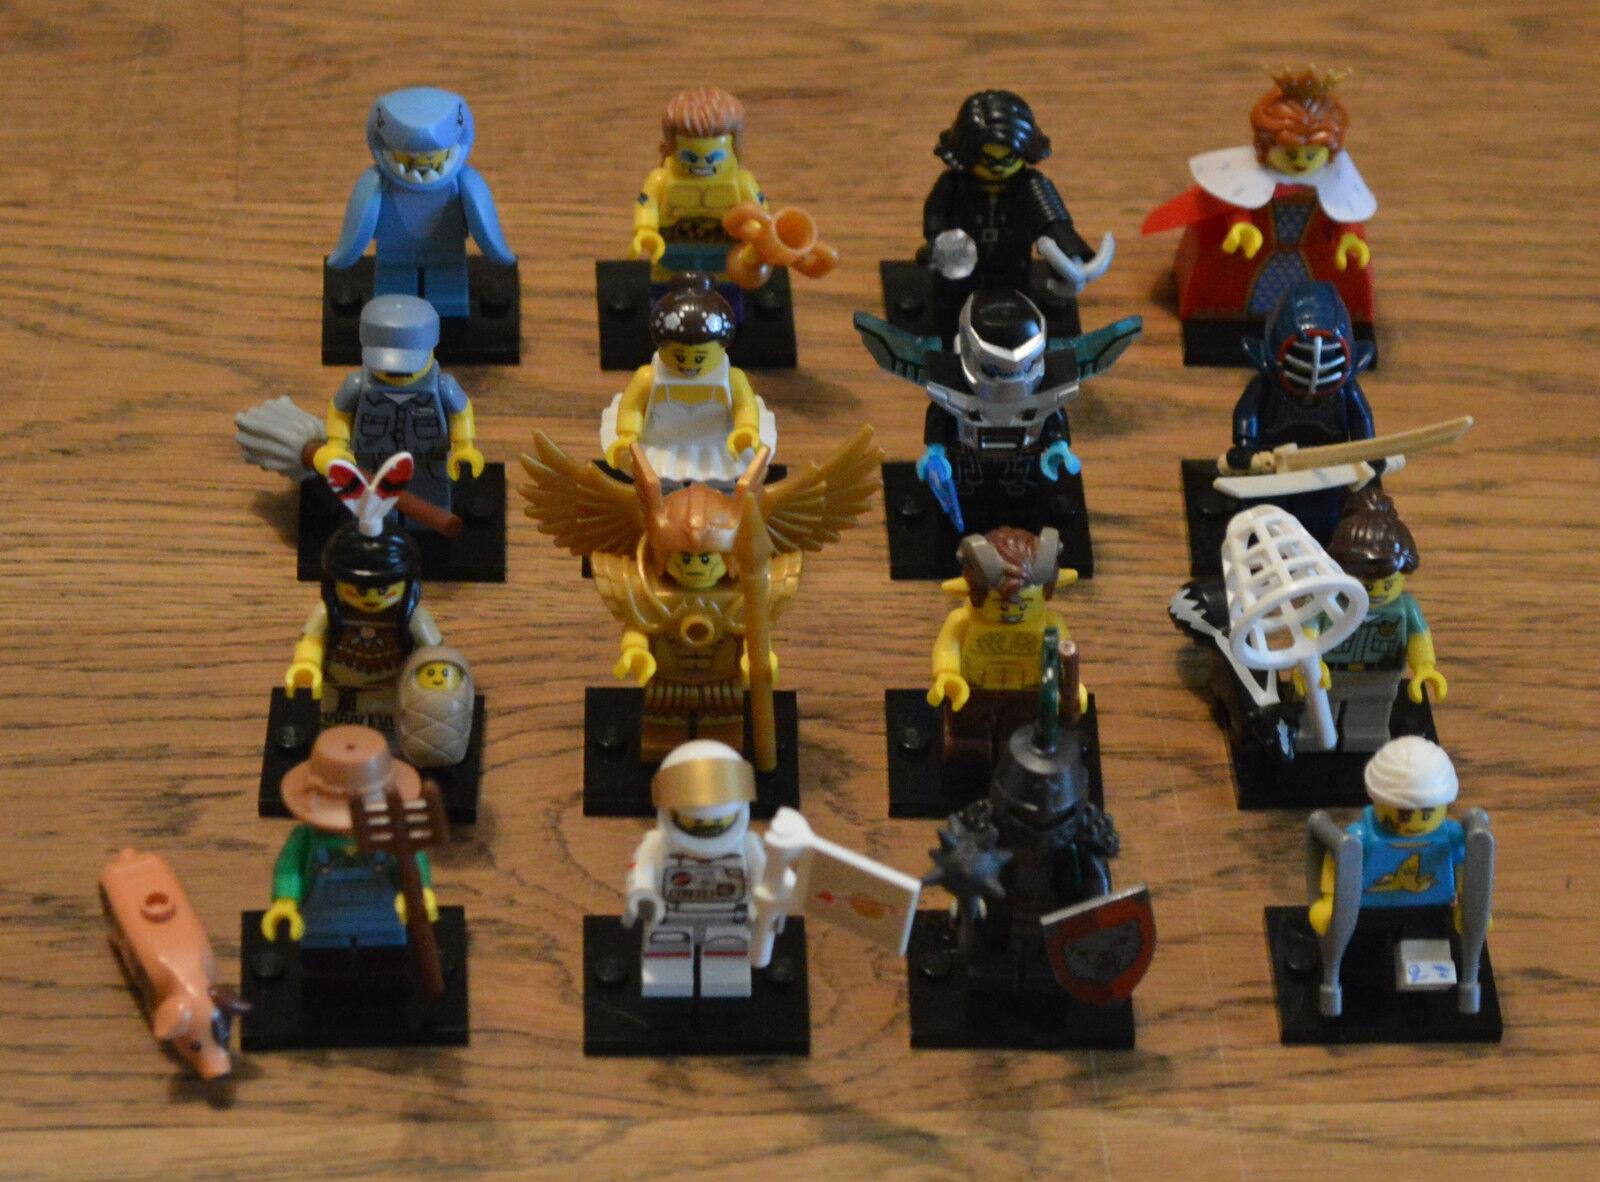 Lego  ® 71011 mini figures minifigures Series 15 all 16 Figures Complete-nouveau  qualité garantie